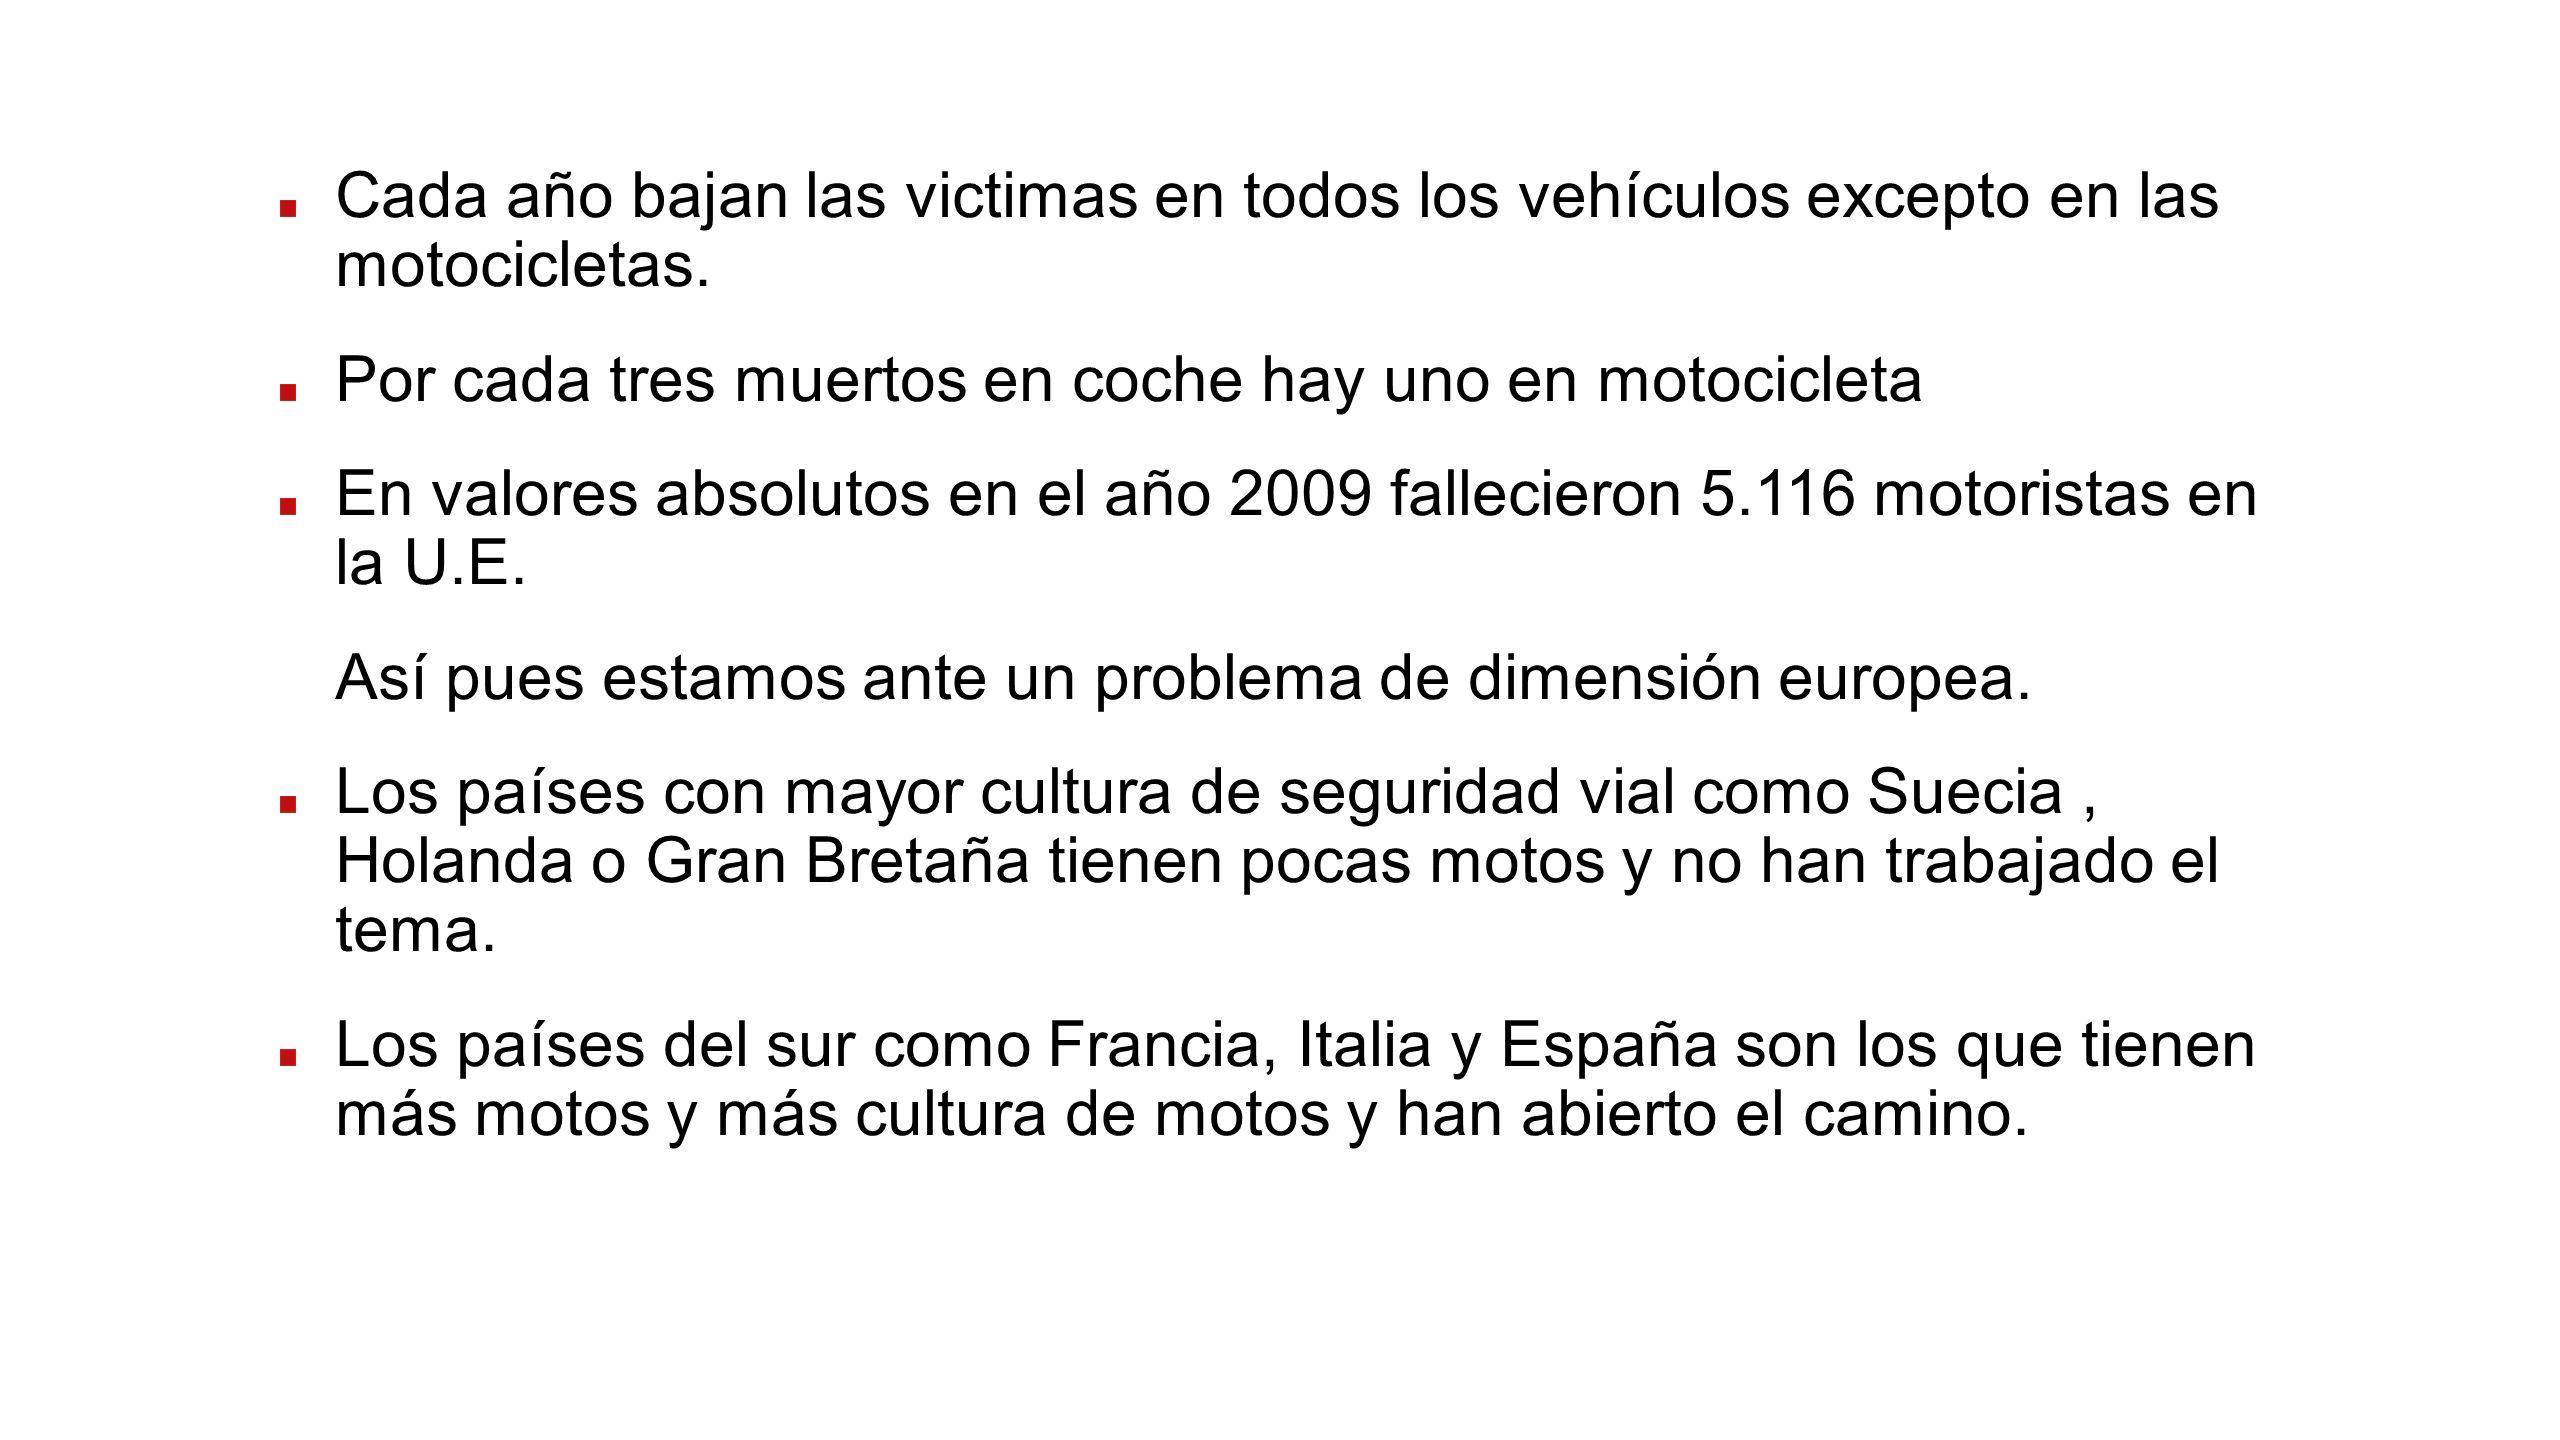 Cada año bajan las victimas en todos los vehículos excepto en las motocicletas.